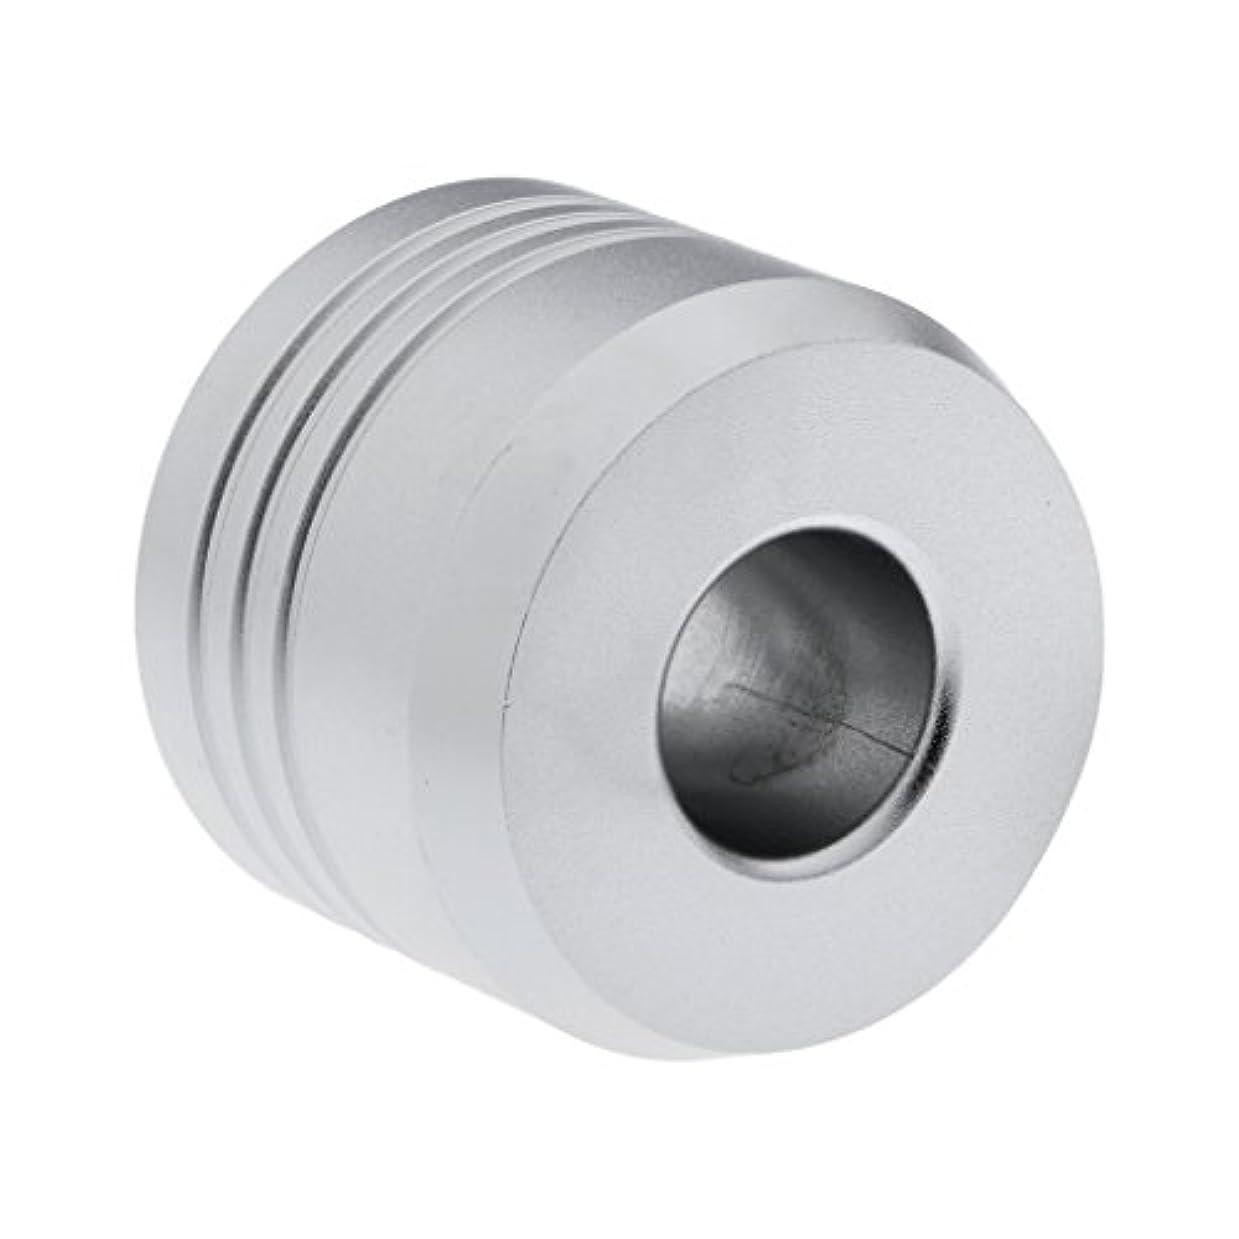 留まる敏感な衝突カミソリスタンド スタンド シェービング カミソリ ホルダー ベース サポート 調節可 メンズ 男性 プレゼント 2色選べ - 銀